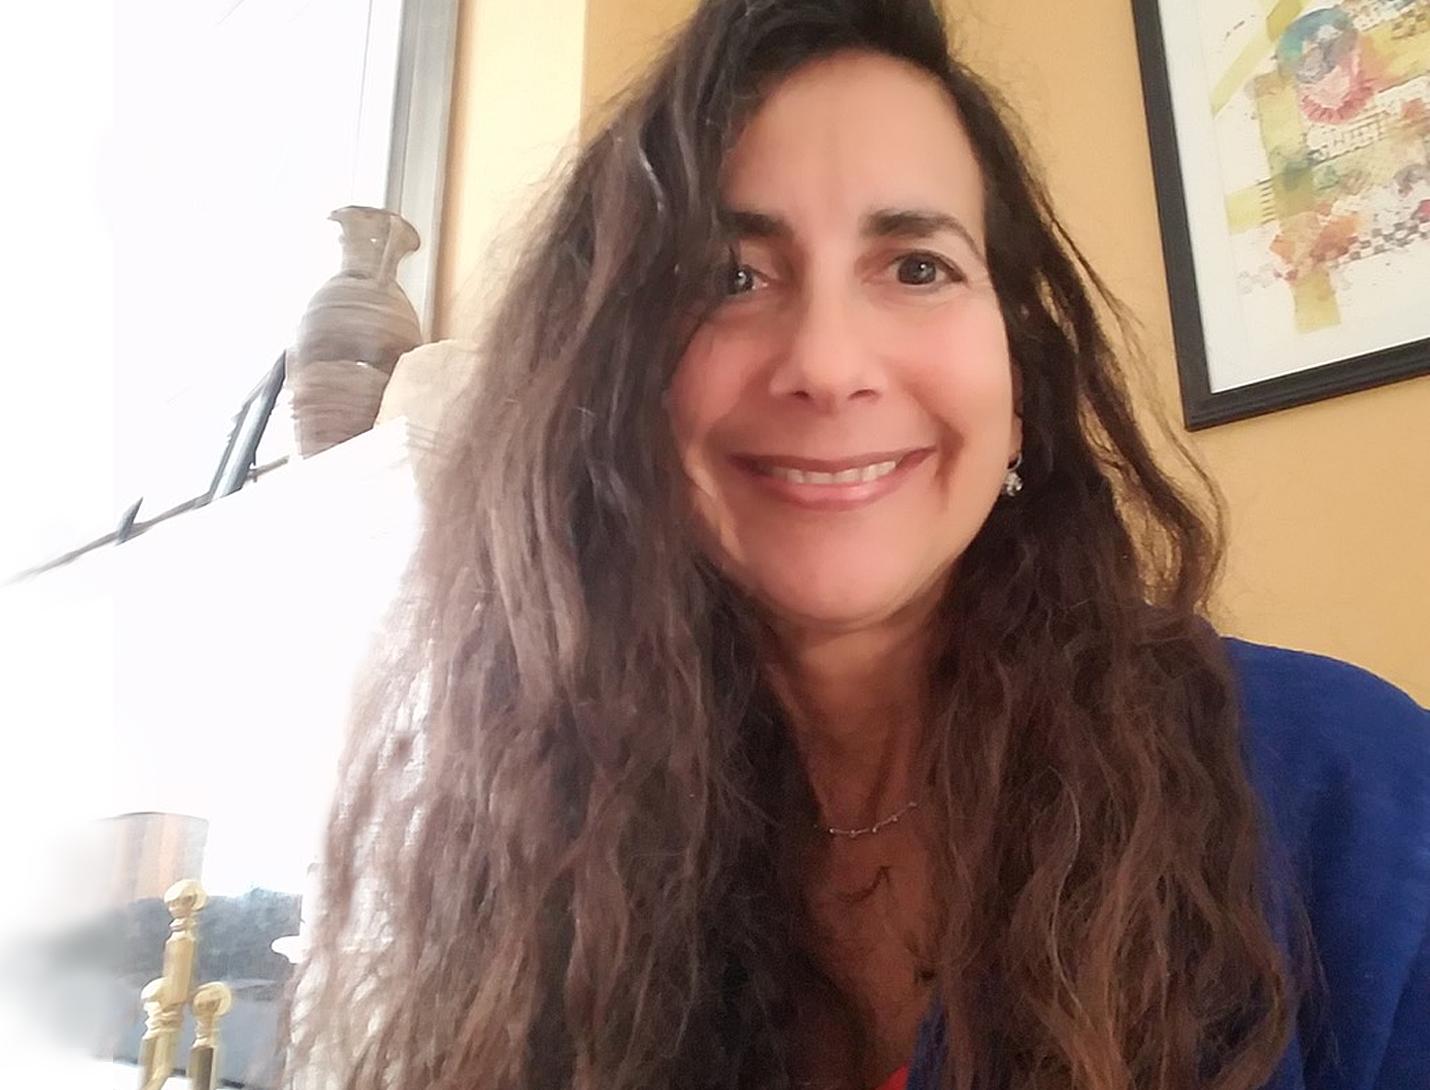 Susan Amour